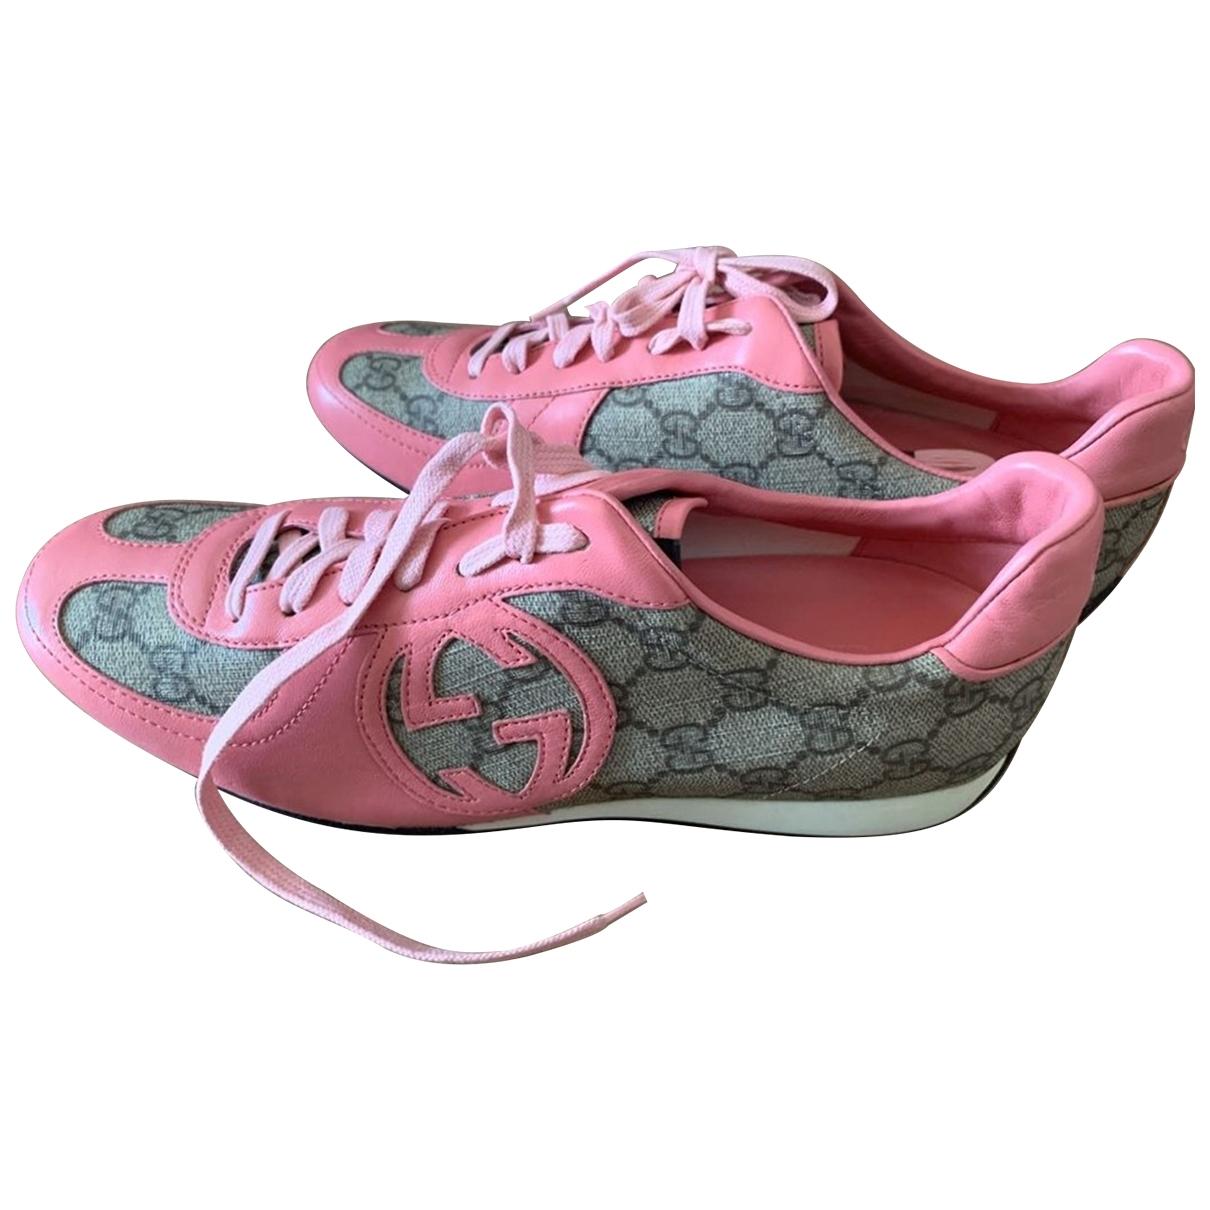 Gucci - Baskets   pour femme en toile - rose